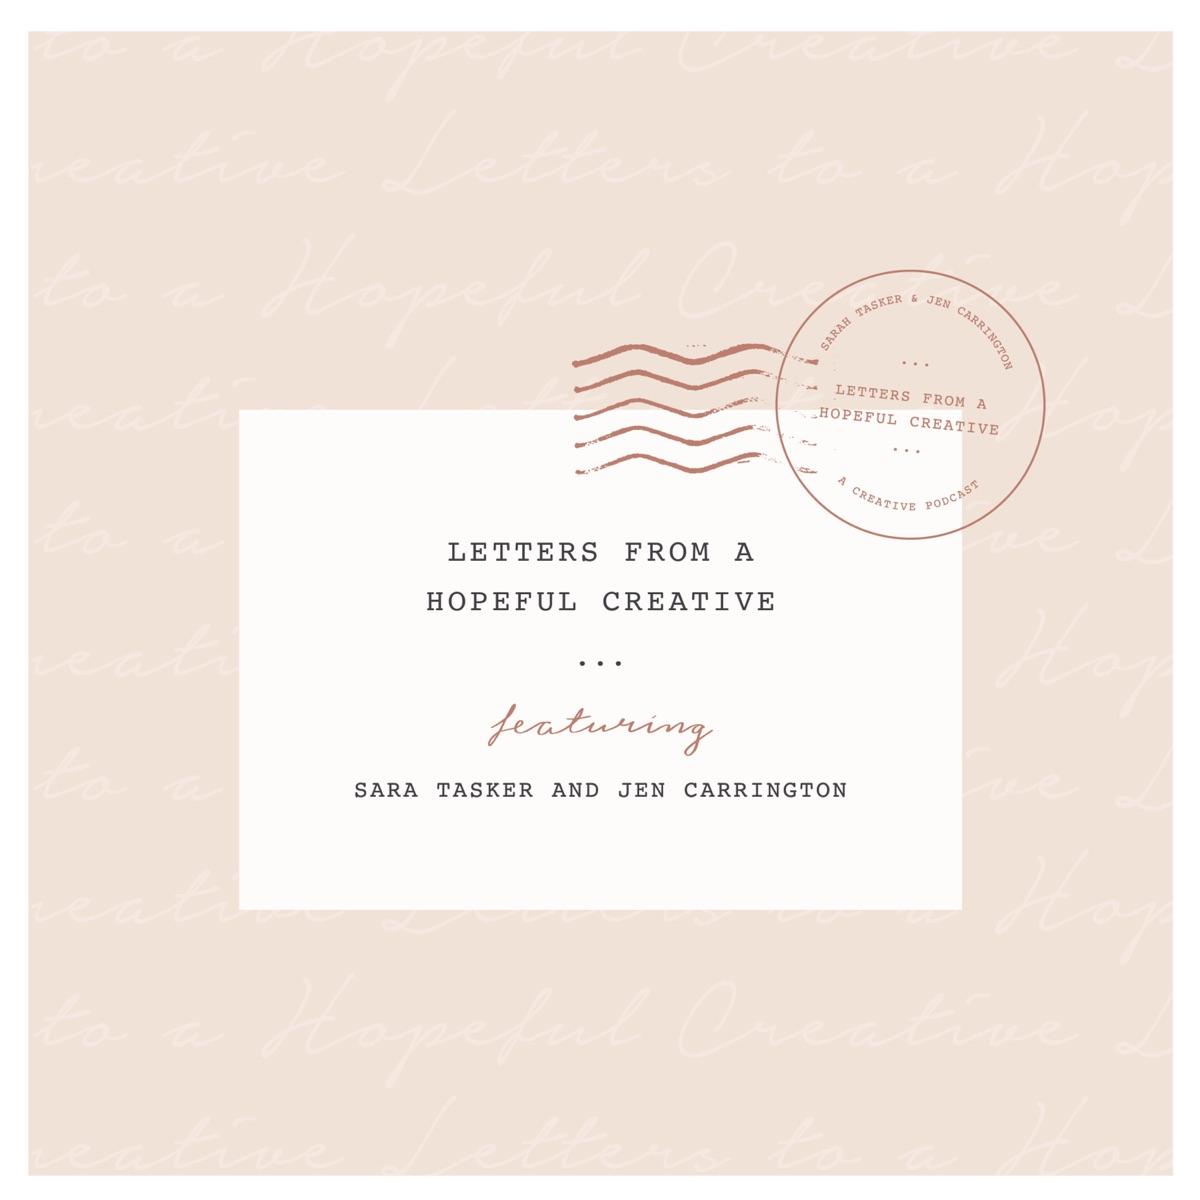 Mailing List Q&A